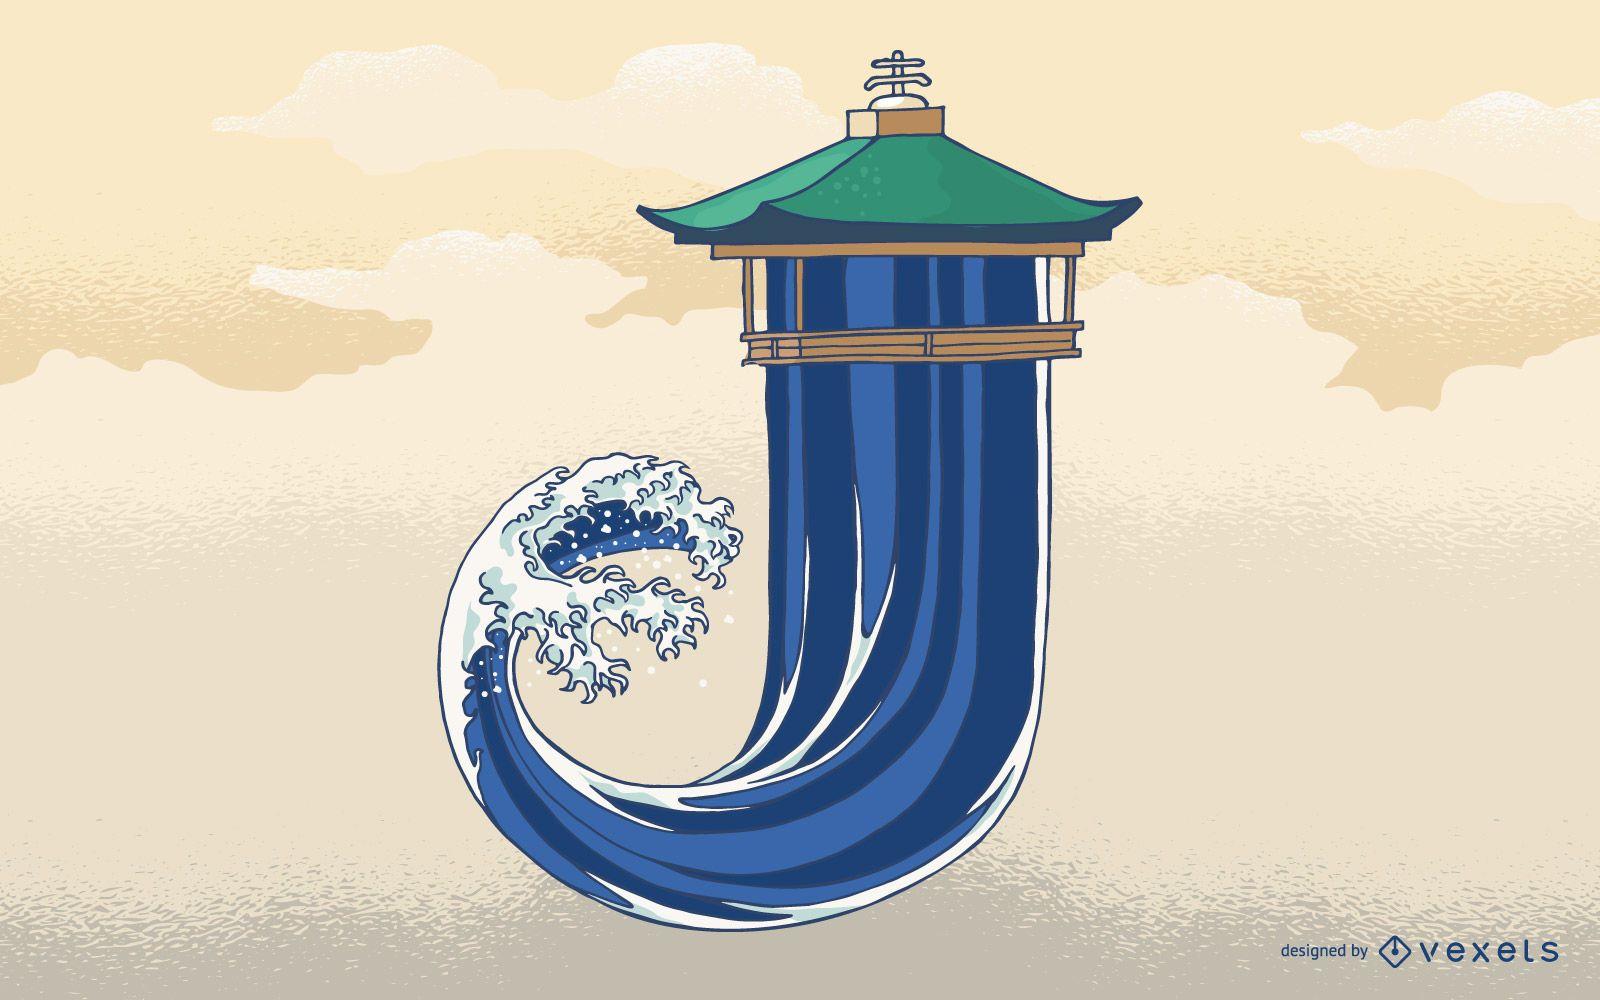 Dise?o de tipograf?a Letter J Japan Wave